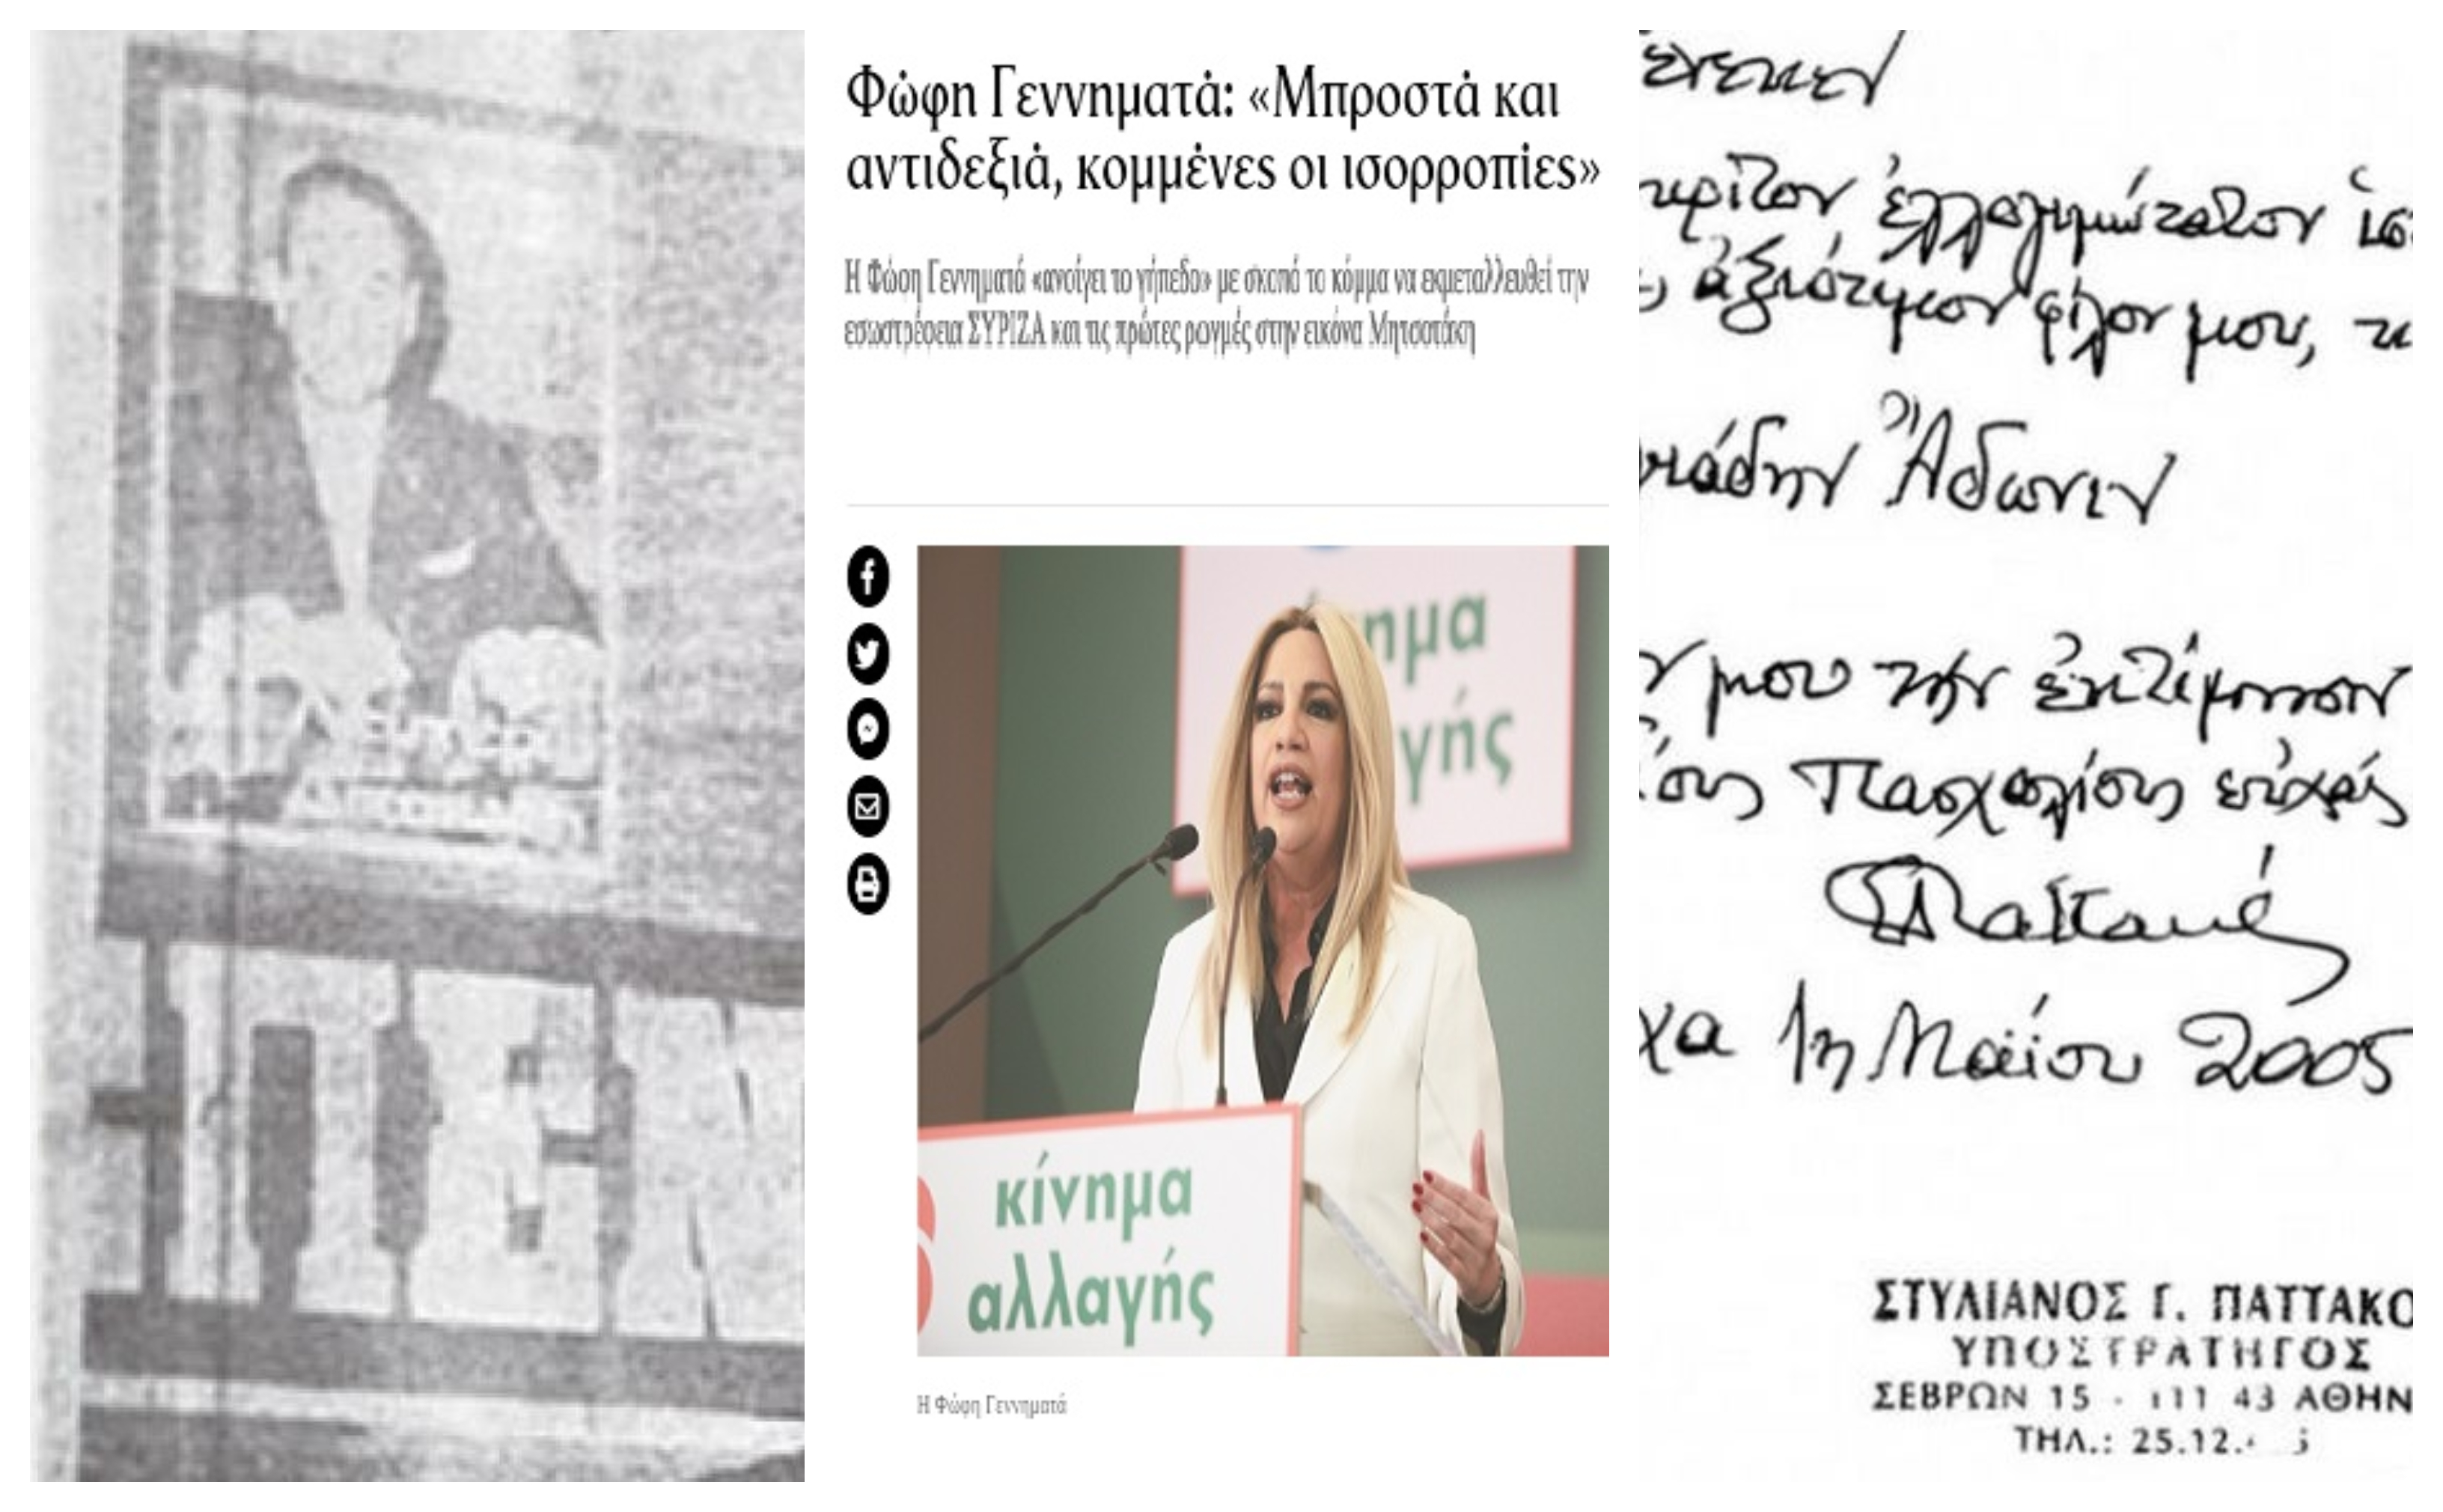 """Τελικά οι Παττακοί του Μητσοτάκη """"έπεισαν"""" την Φώφη Γεννηματά να ψηφίσει το Χουντο-νομοσχέδιο για τις διαδηλώσεις"""